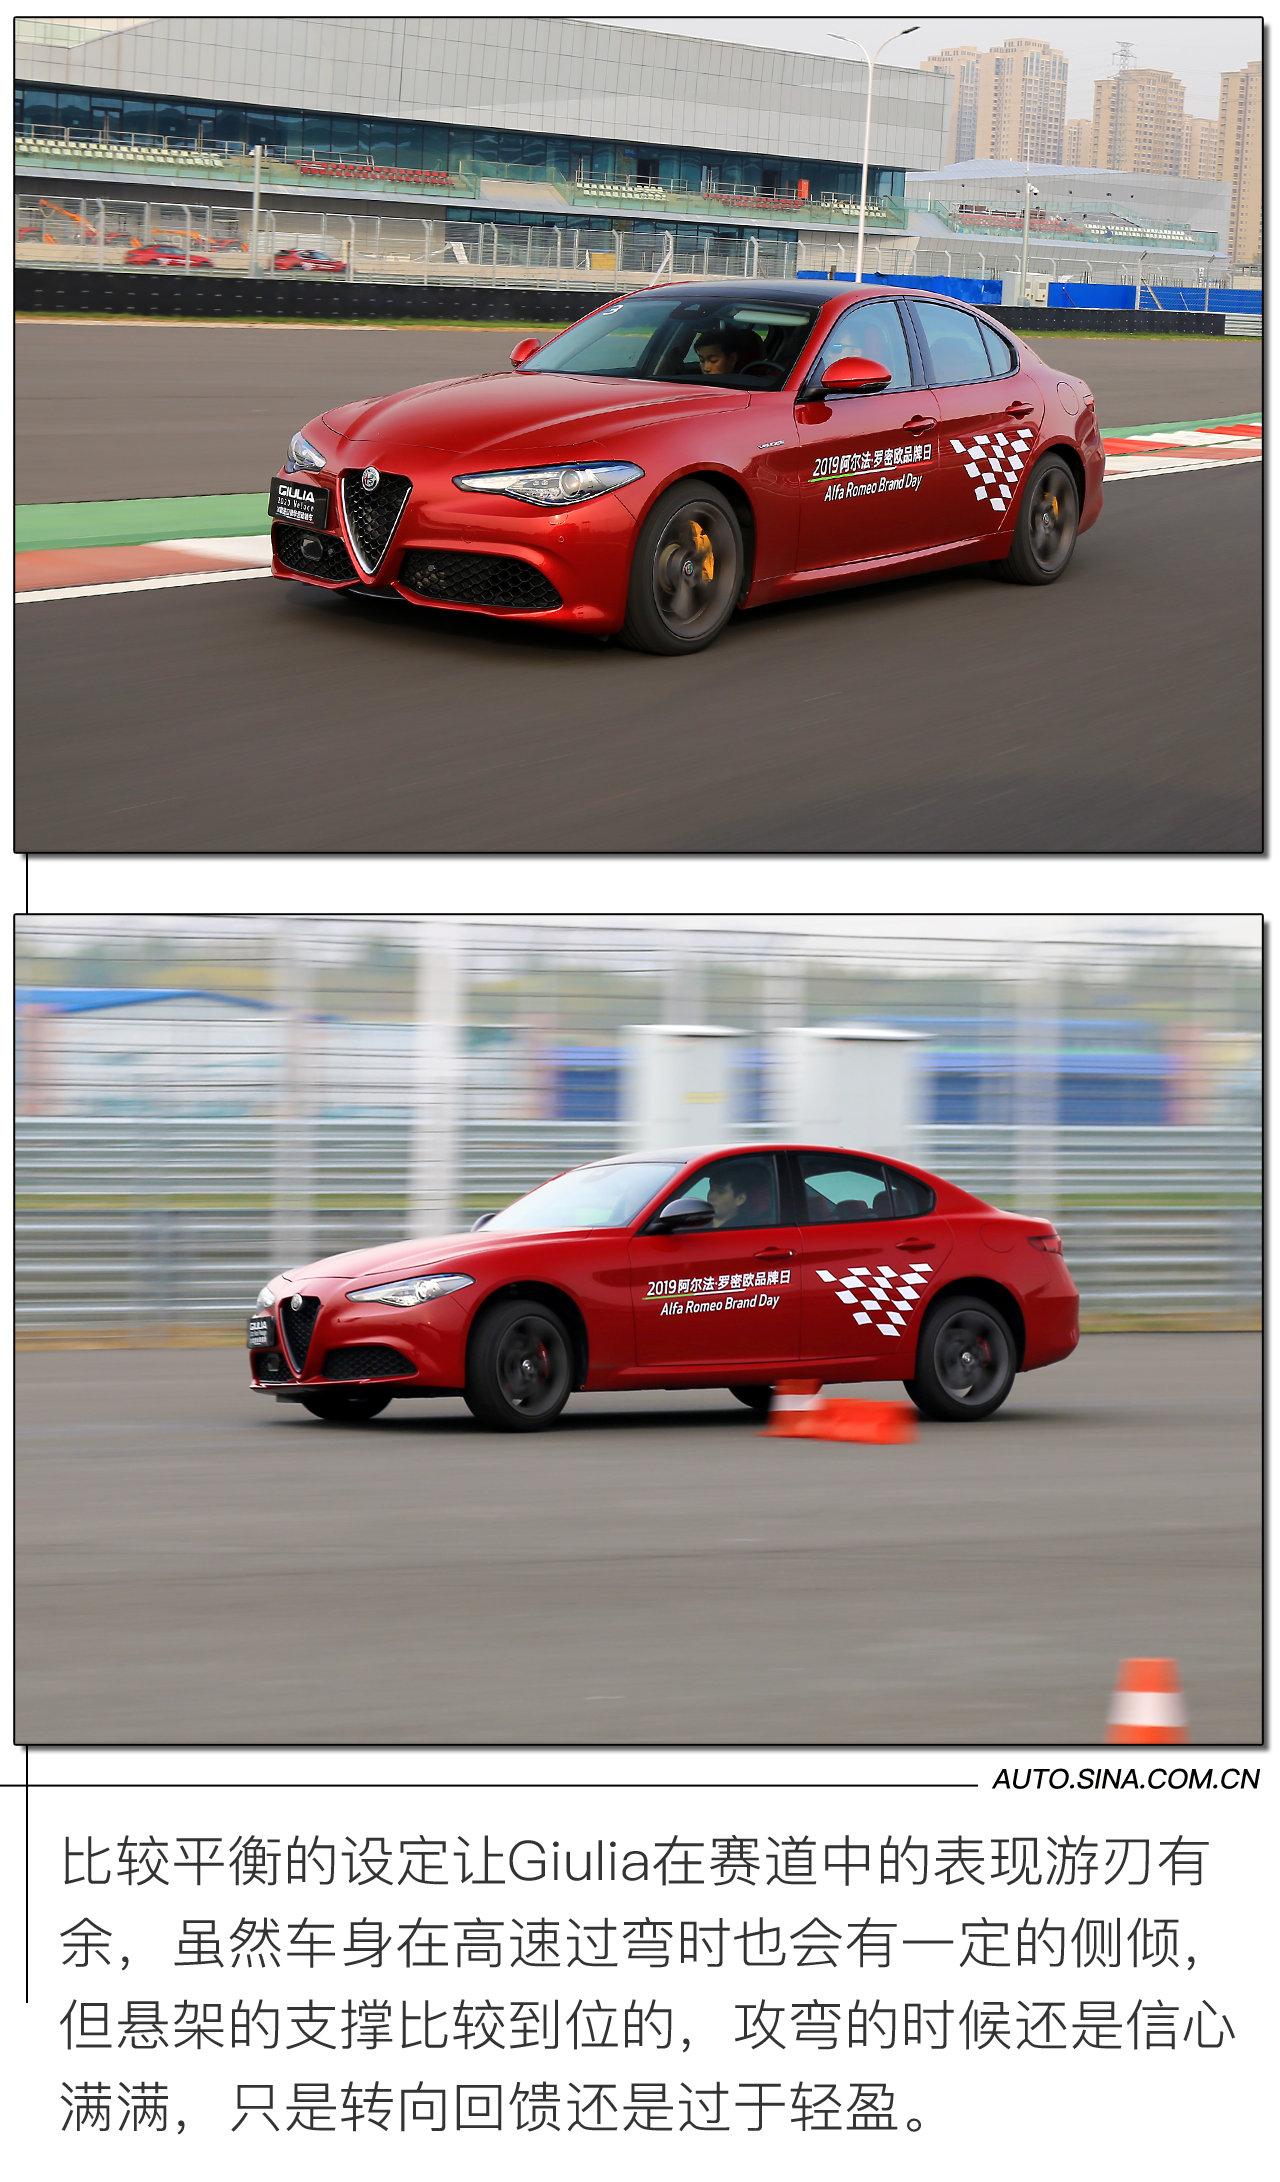 步步为营 试驾阿尔法·罗密欧新款Giulia/Stelvio